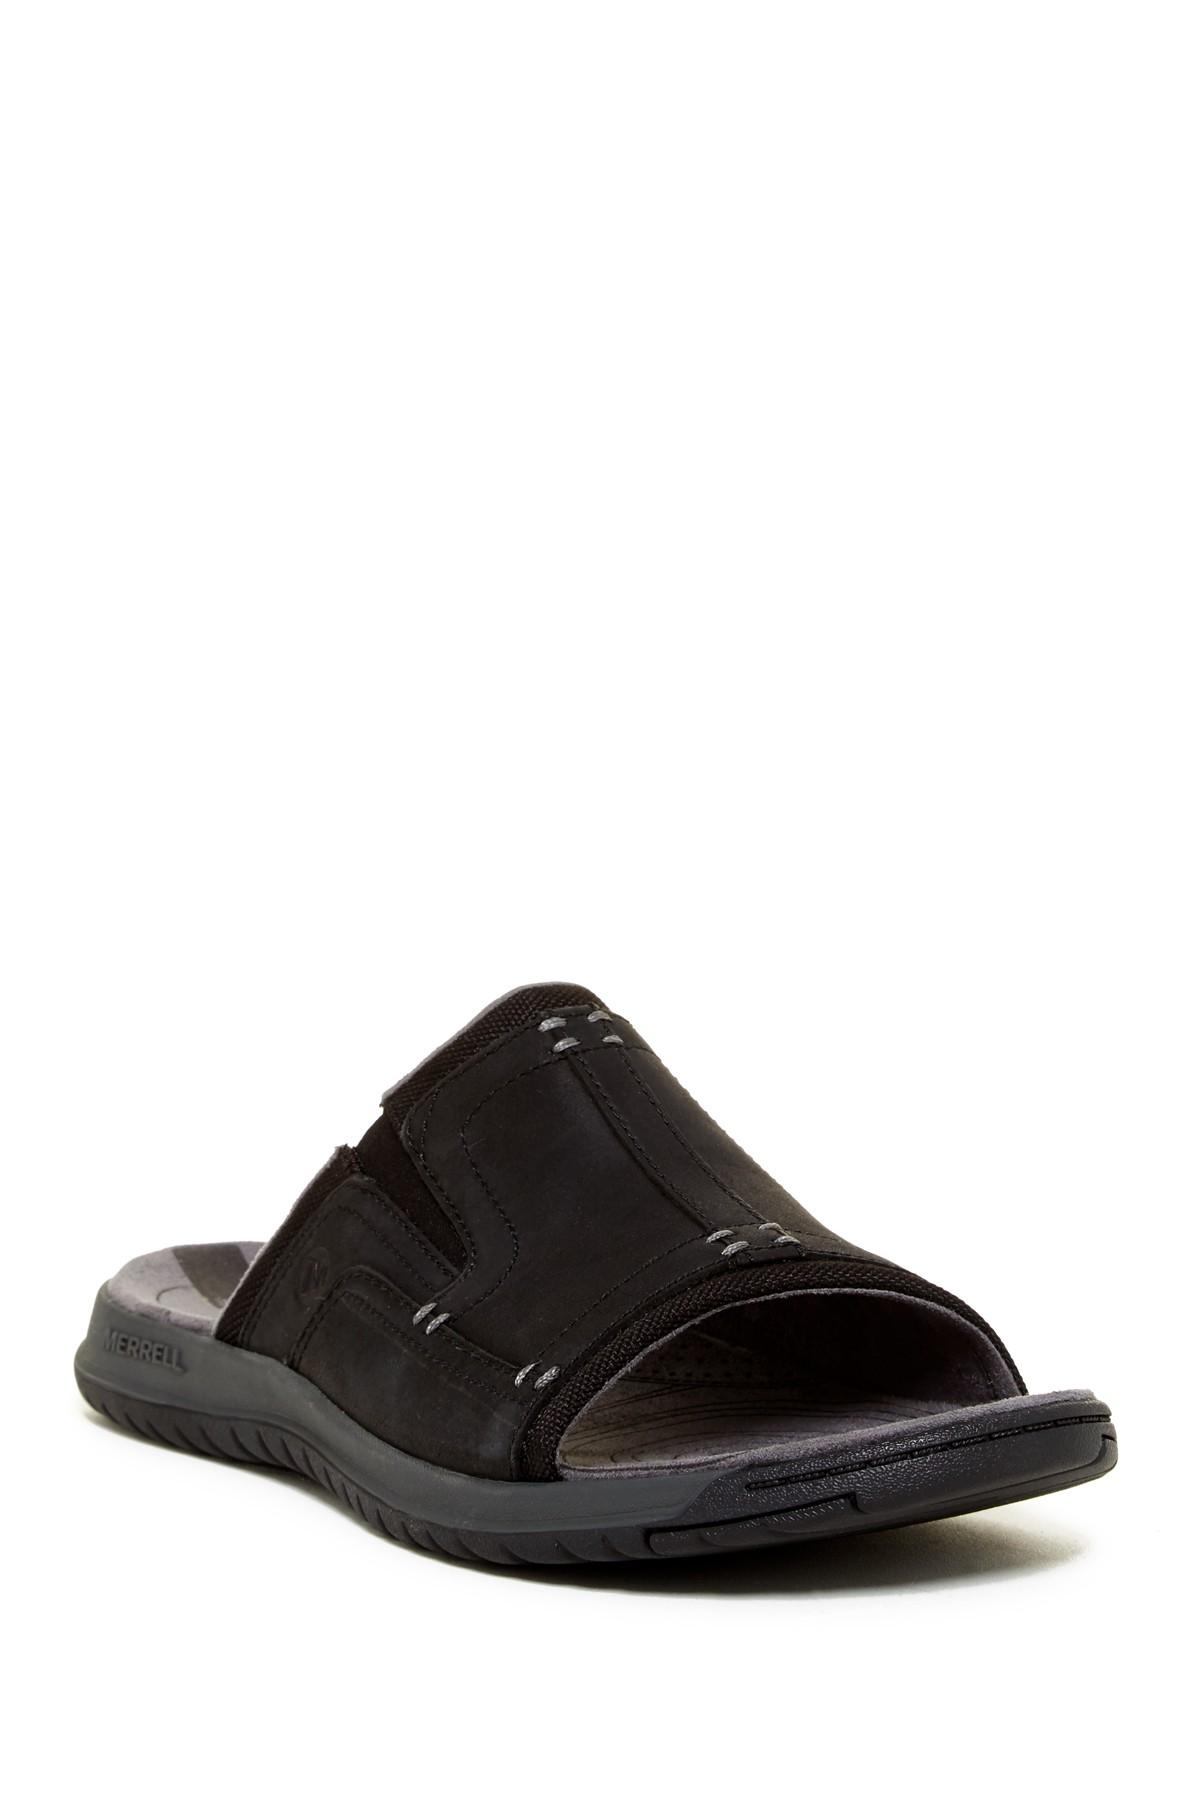 37488081bd2d Lyst - Merrell Traveler Tilt Slide Sandal in Black for Men